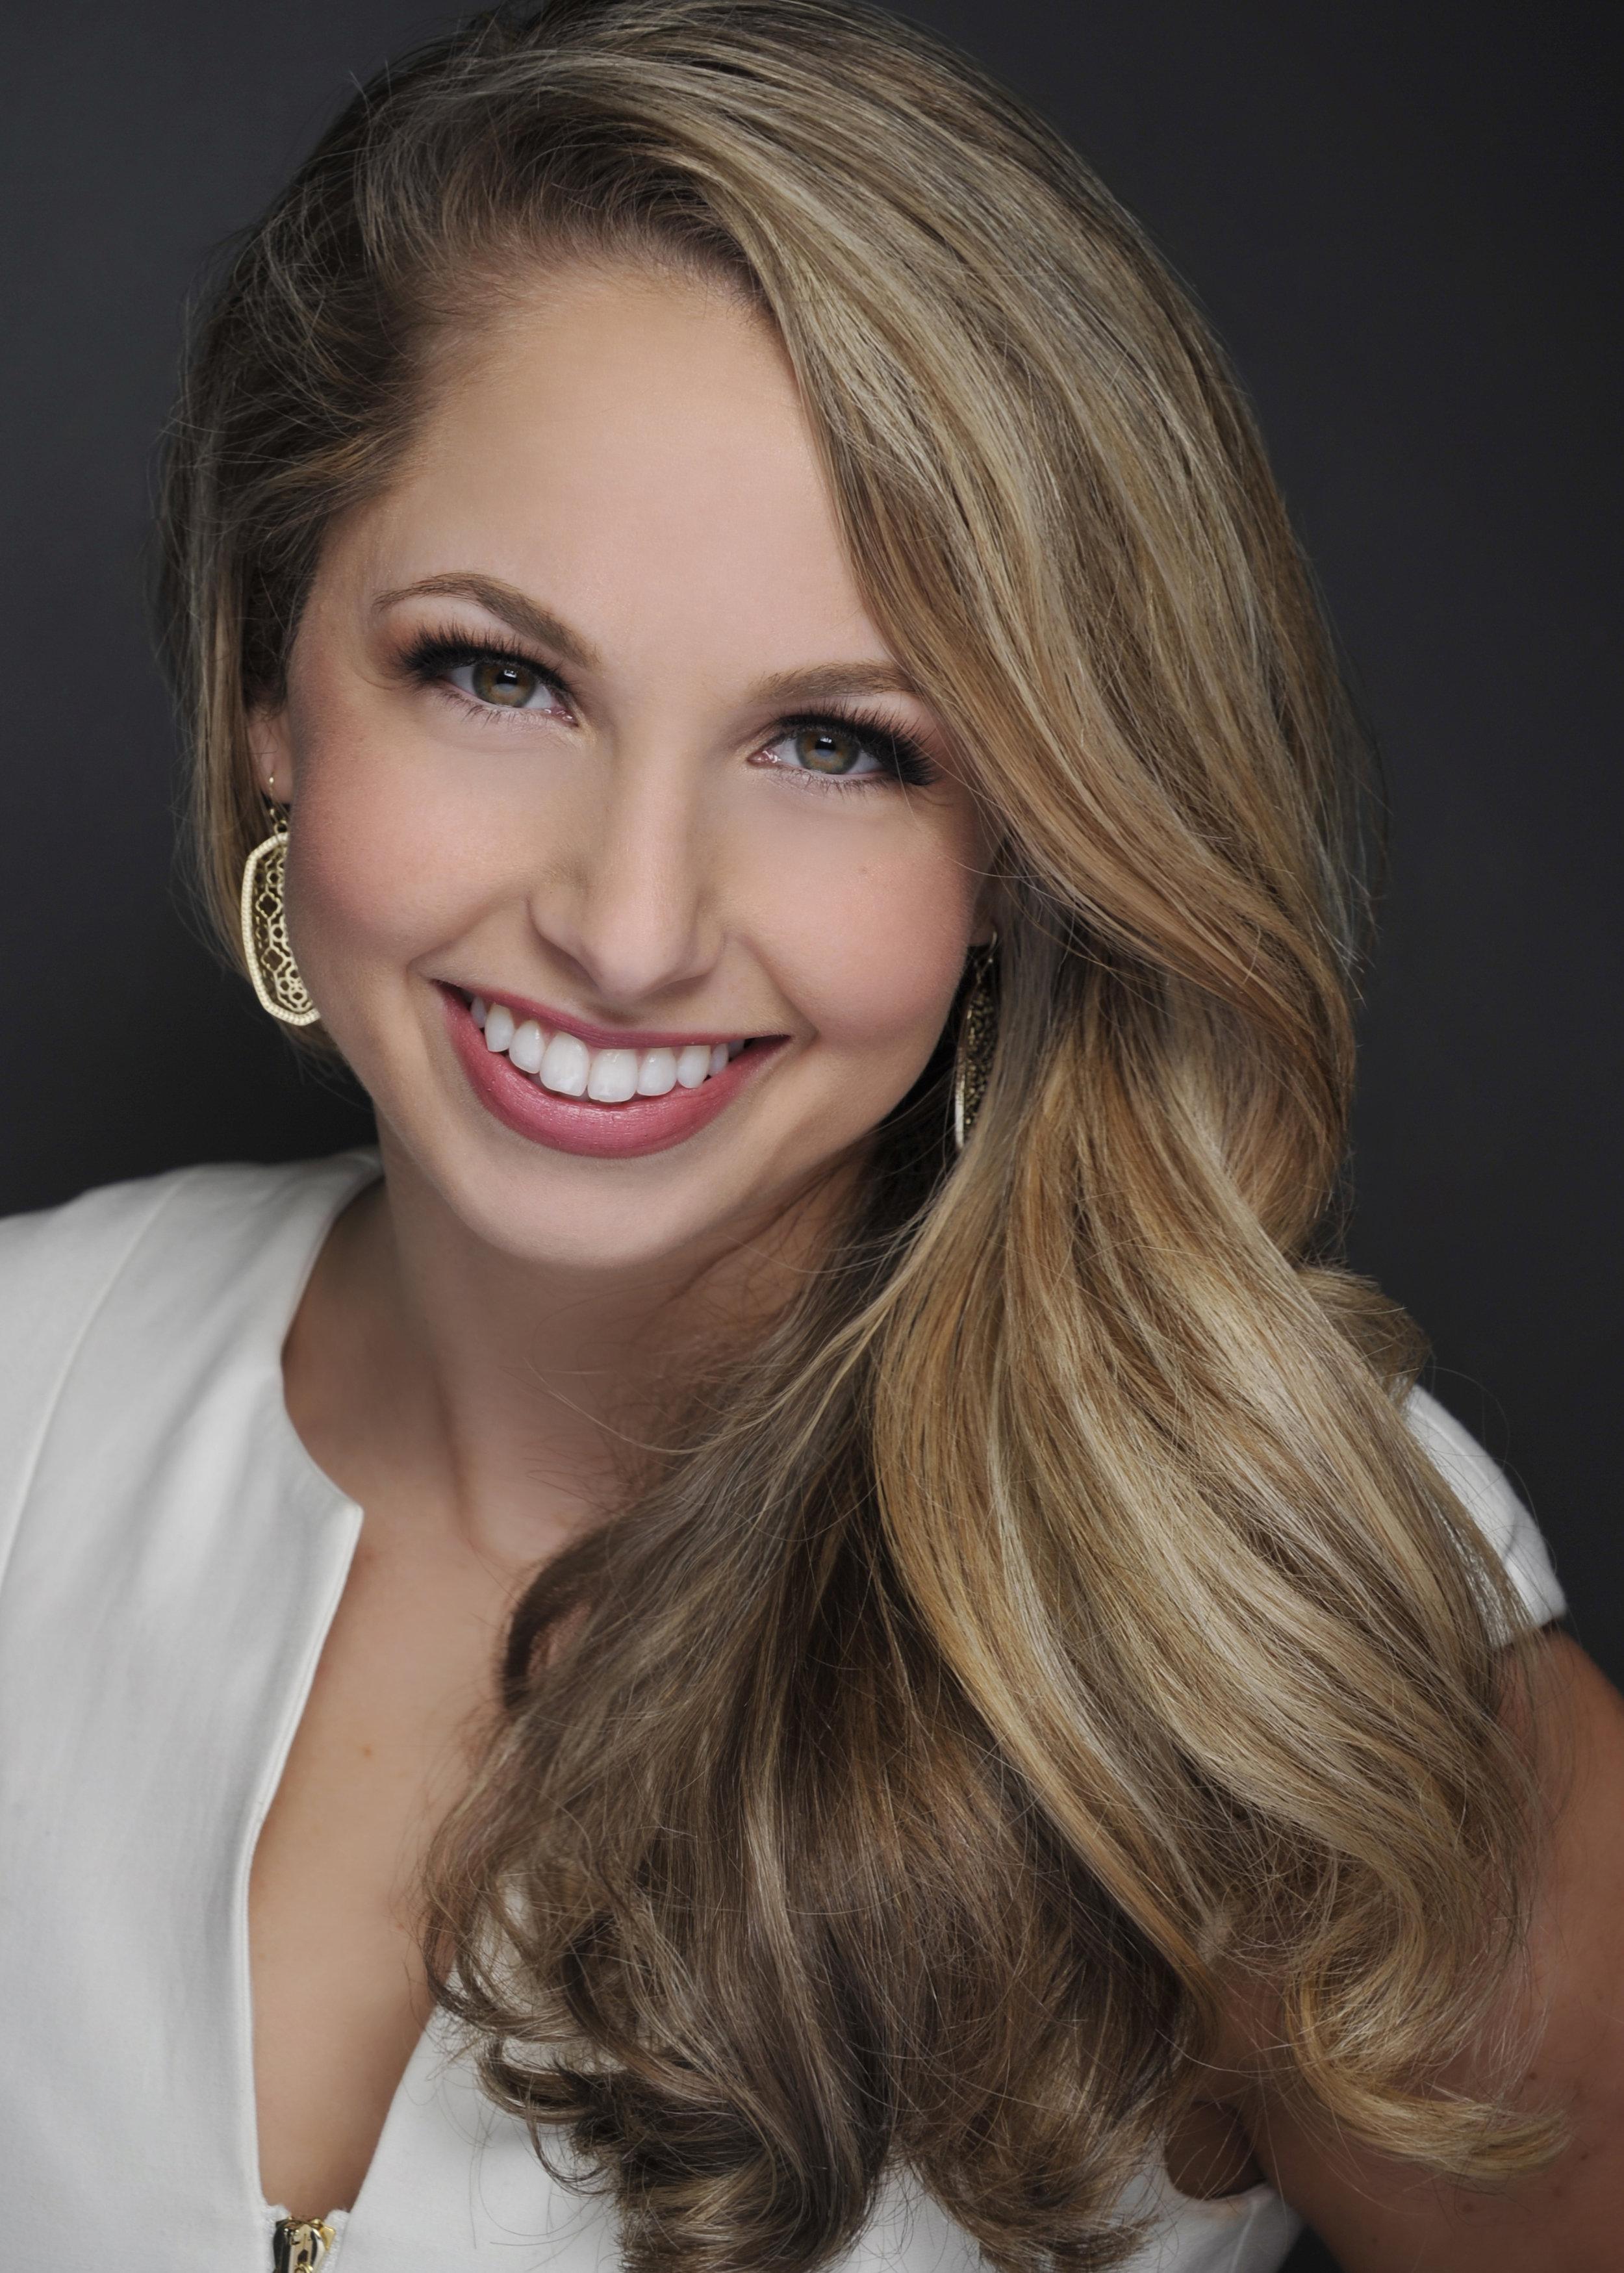 Gottstein Ellie Miss Alaska 2019 Contestant by Hannah Kahlman Artist Photographer wwwhannahkahlmancom.JPG